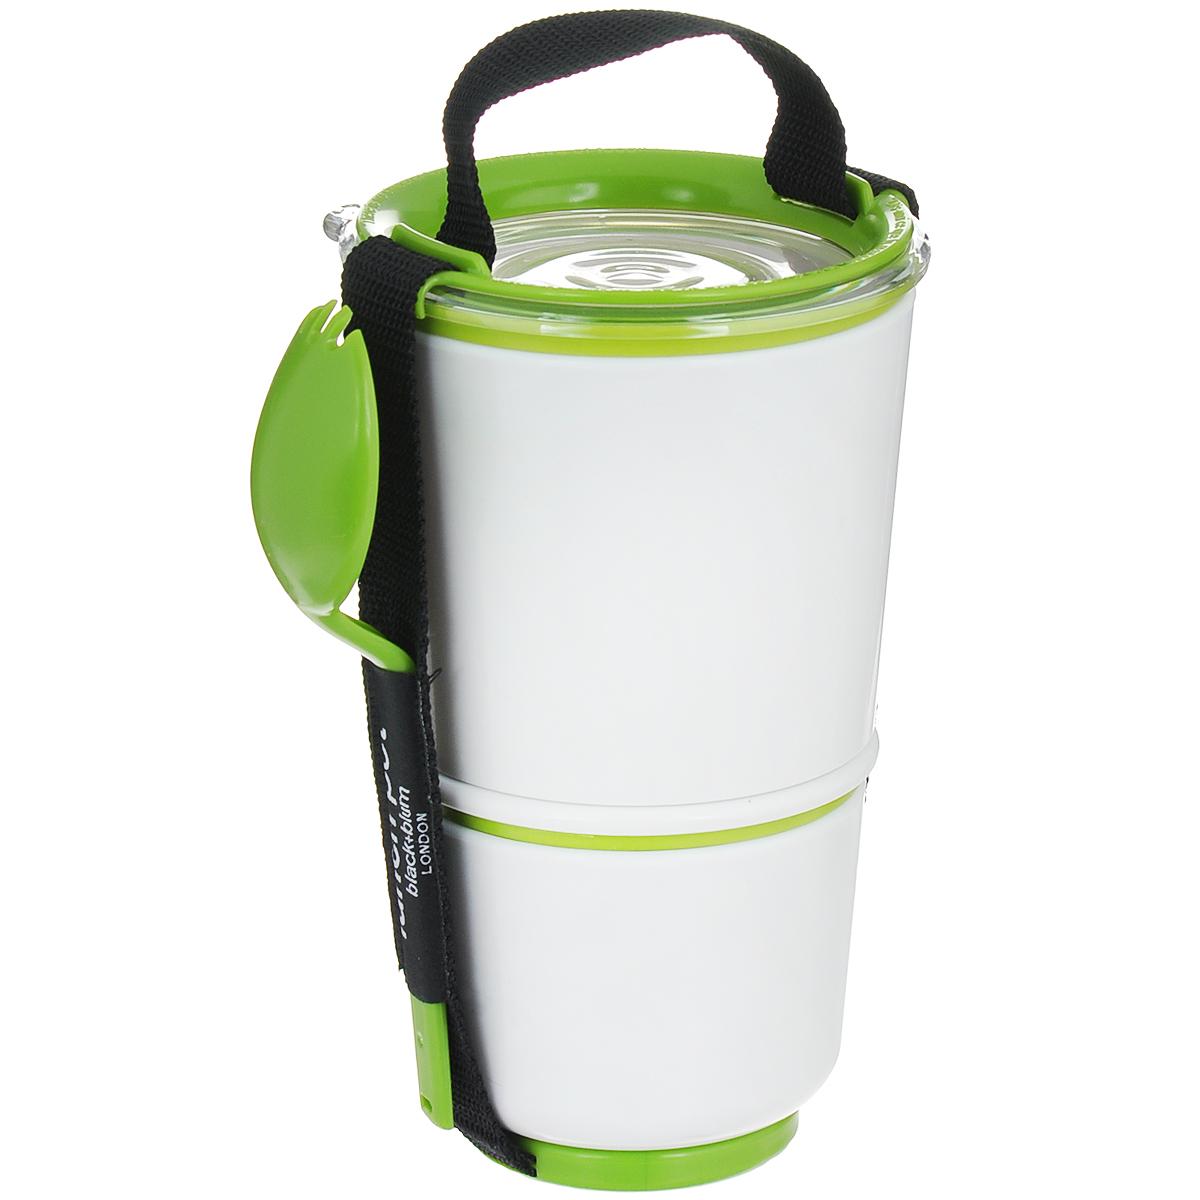 Ланч-бокс Black+Blum Lunch Pot, цвет: белый, зеленый, высота 19 смBP001Ланч-бокс Black+Blum Lunch Pot изготовлен из высококачественного пищевого пластика, устойчивого к нагреванию. Изделие представляет собой 2 круглых контейнера, предназначенных для хранения пищи и жидкости. Контейнеры оснащены герметичными крышками с надежной защитой от протечек, это позволяет взять с собой суп. В комплекте имеется текстильный ремешок с ручкой и пластиковая ложка-вилка. Благодаря компактным размерам, ланч-бокс поместится даже в дамскую сумочку, а также позволит взять с собой полноценный обед из первого и второго блюда. Можно использовать в микроволновой печи и мыть в посудомоечной машине.